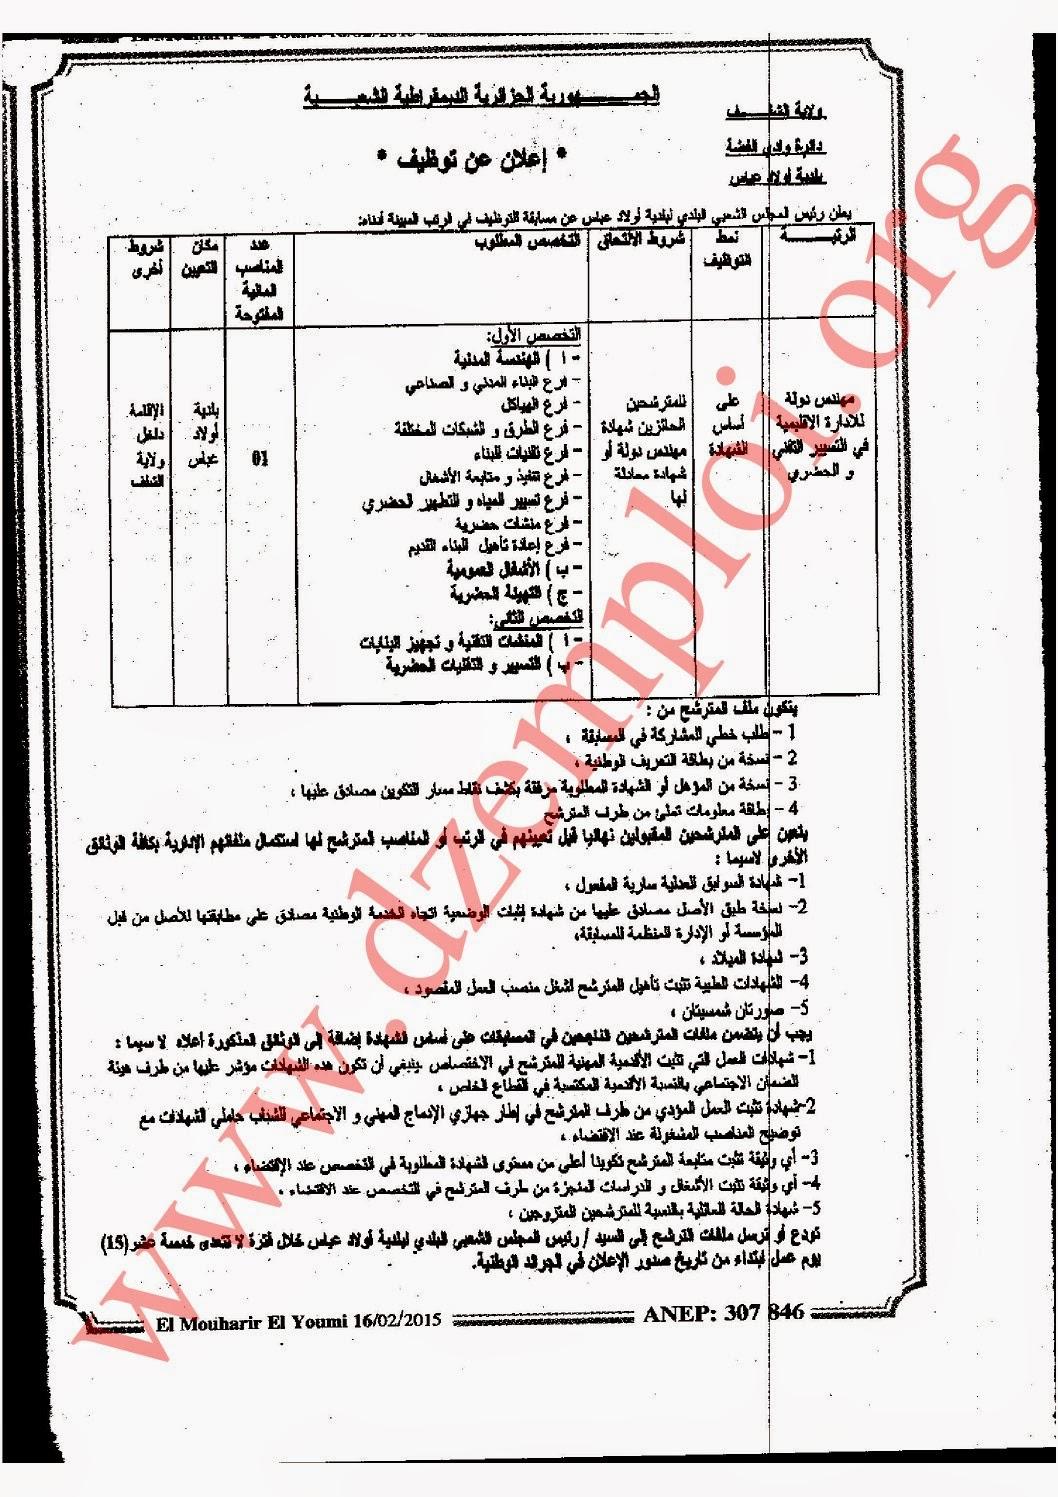 توظيف ببلدية أولاد عباس دائرة وادي الفضة ولاية الشلف فيفري 2015 5.jpg